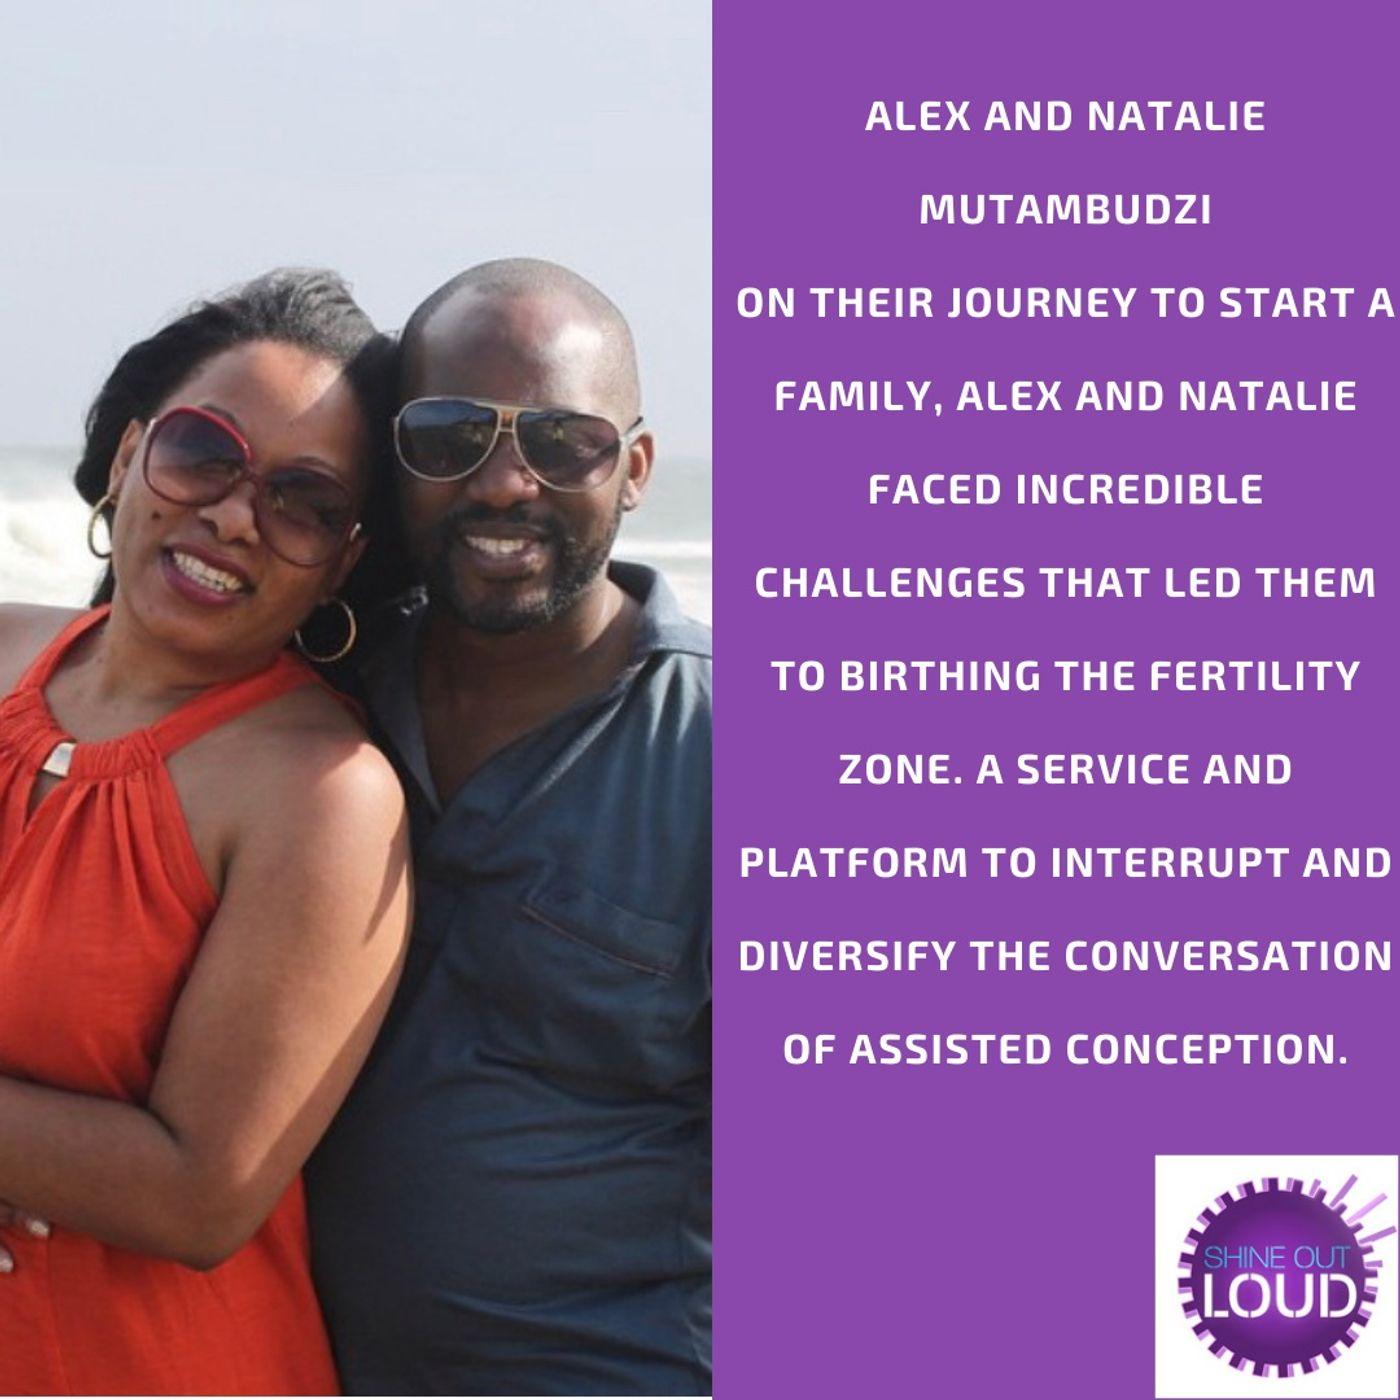 The Journey to Parenthood with Alex and Natalie Mutambudzi